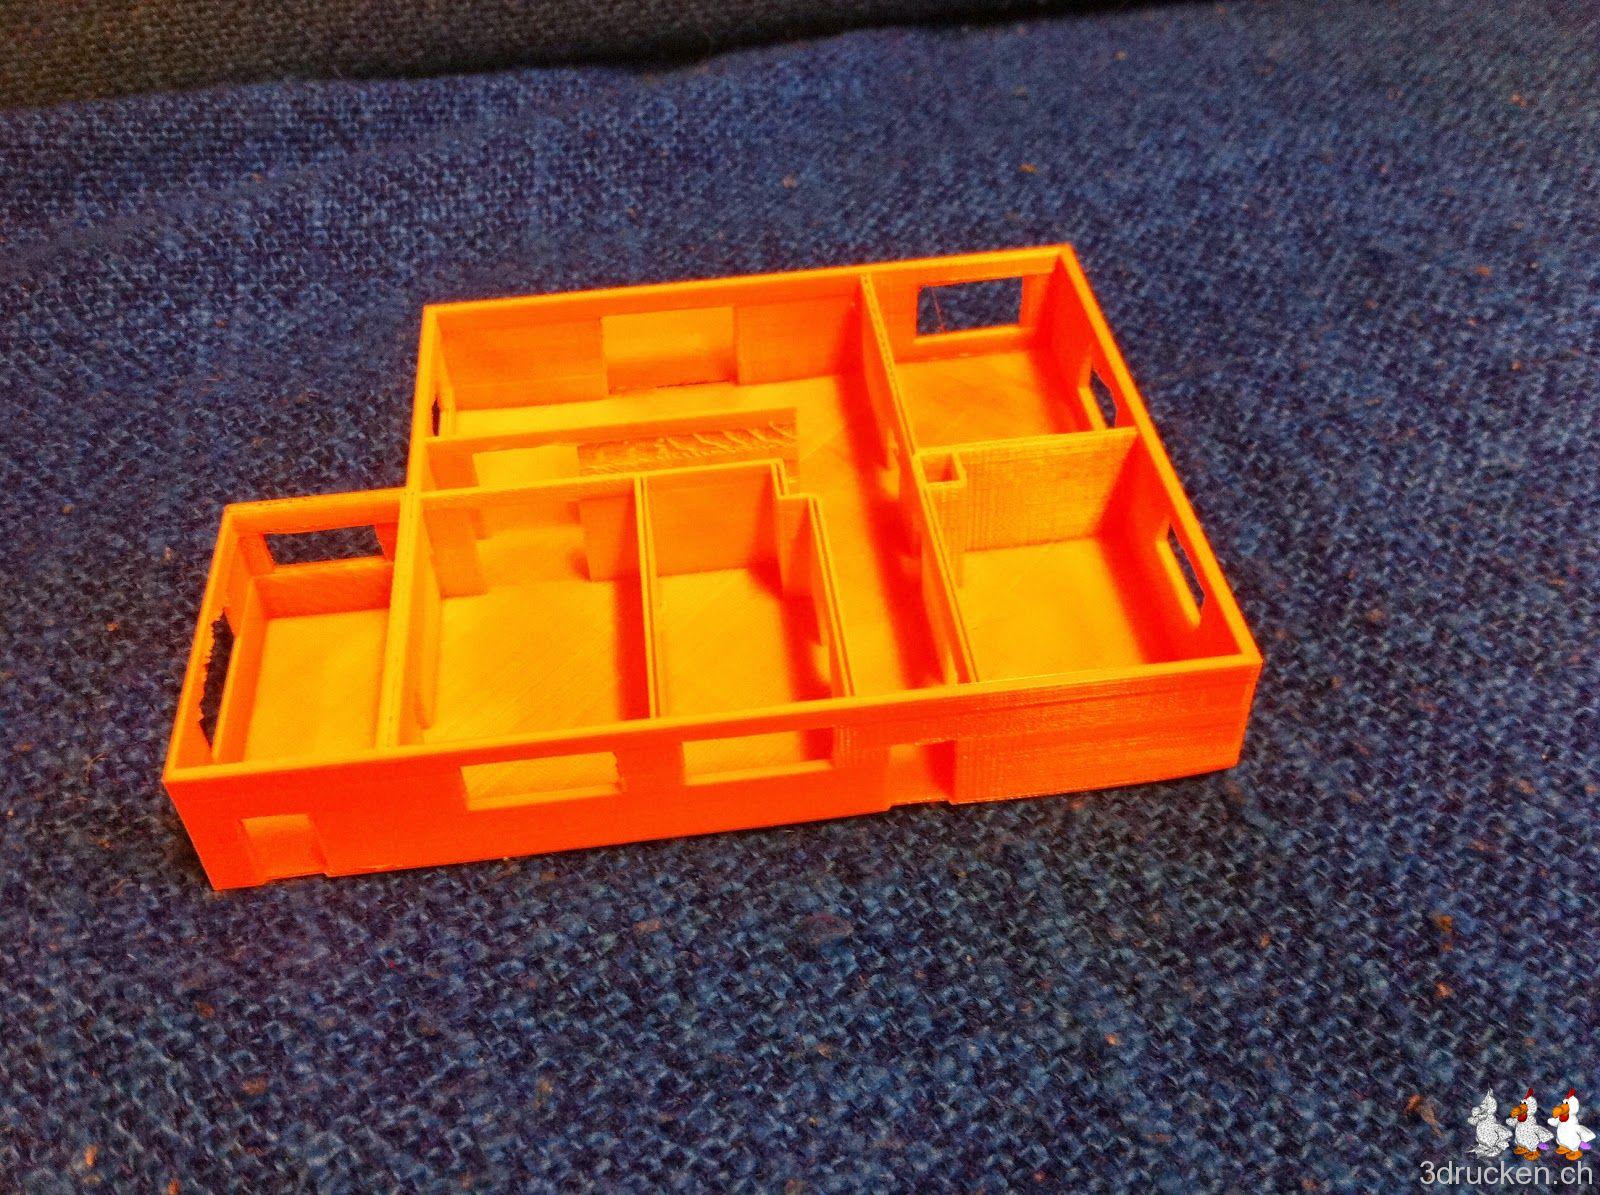 Foto des fertig gedruckten Wohnungsmodells